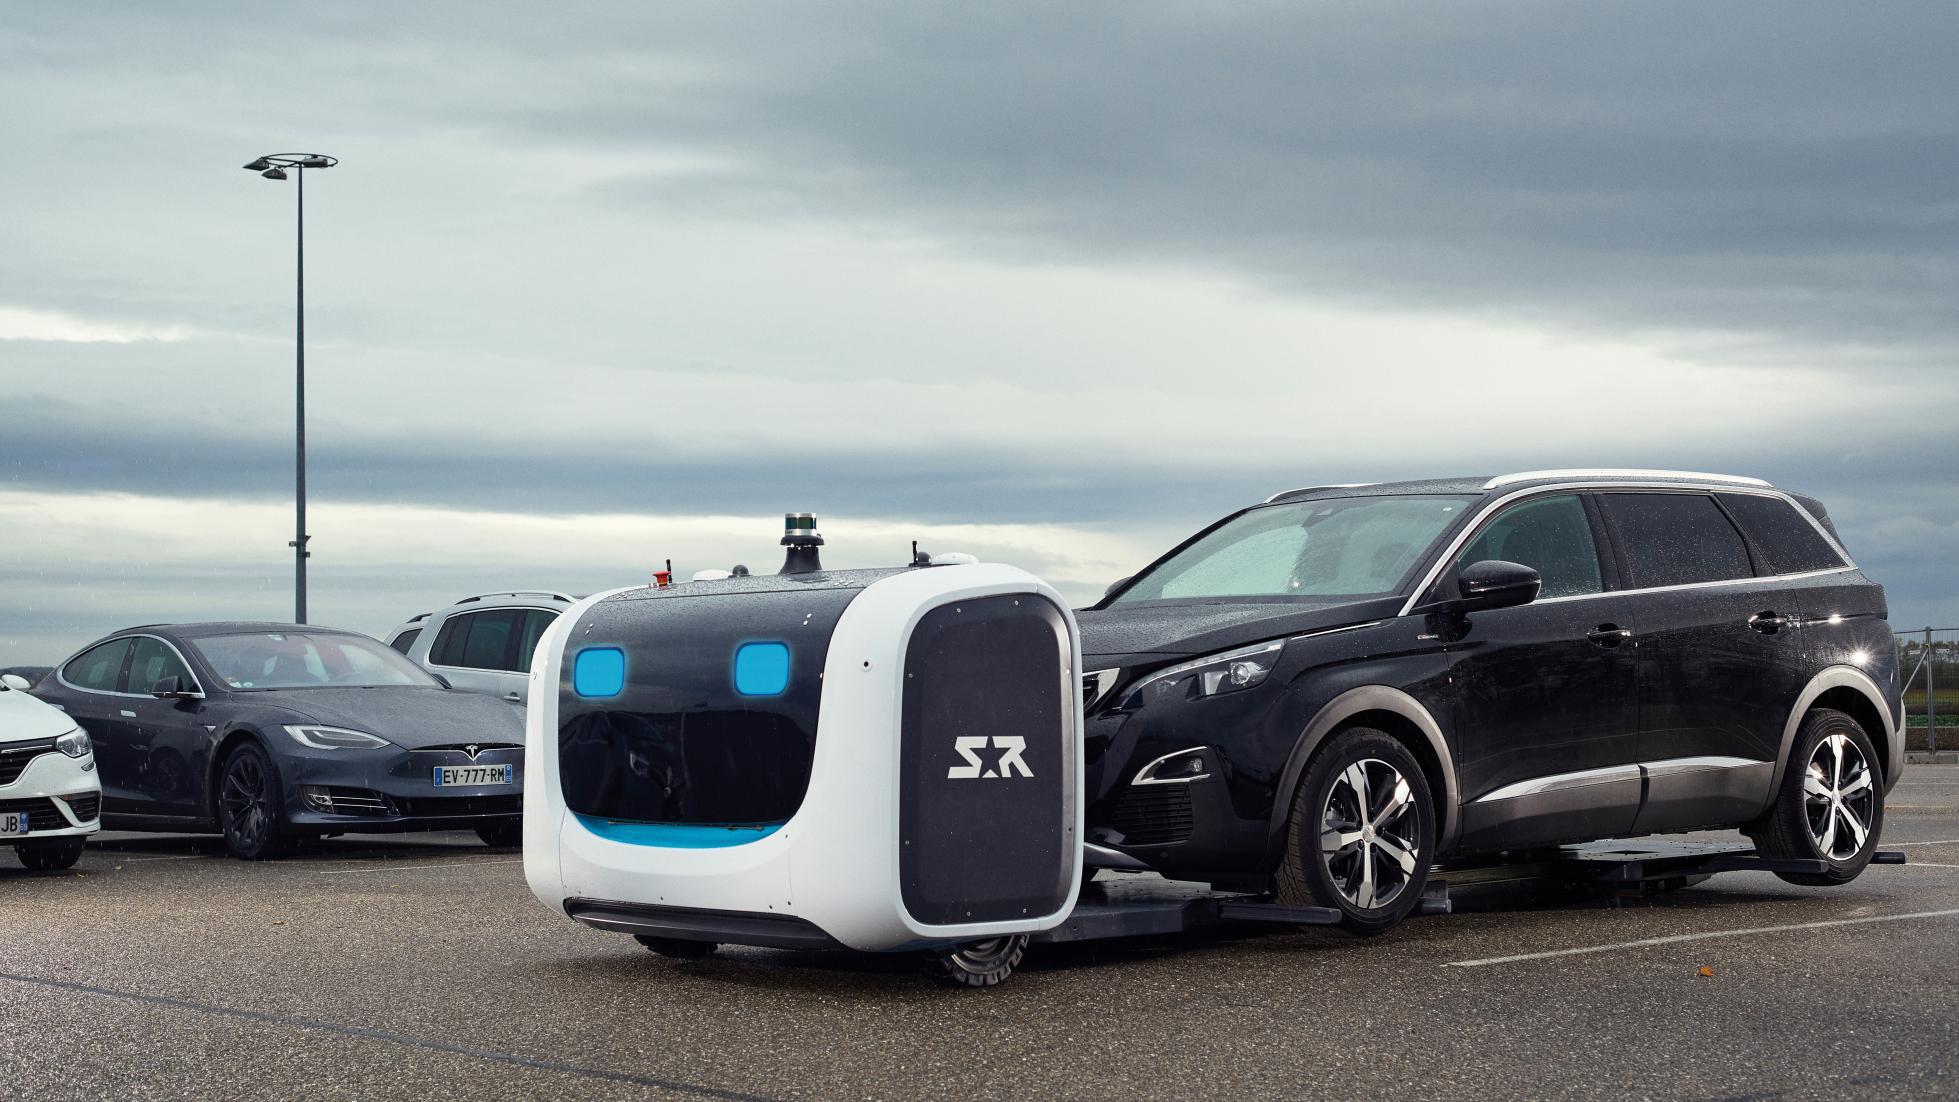 Роботы будут парковать автомобили в лондонском аэропорту 1